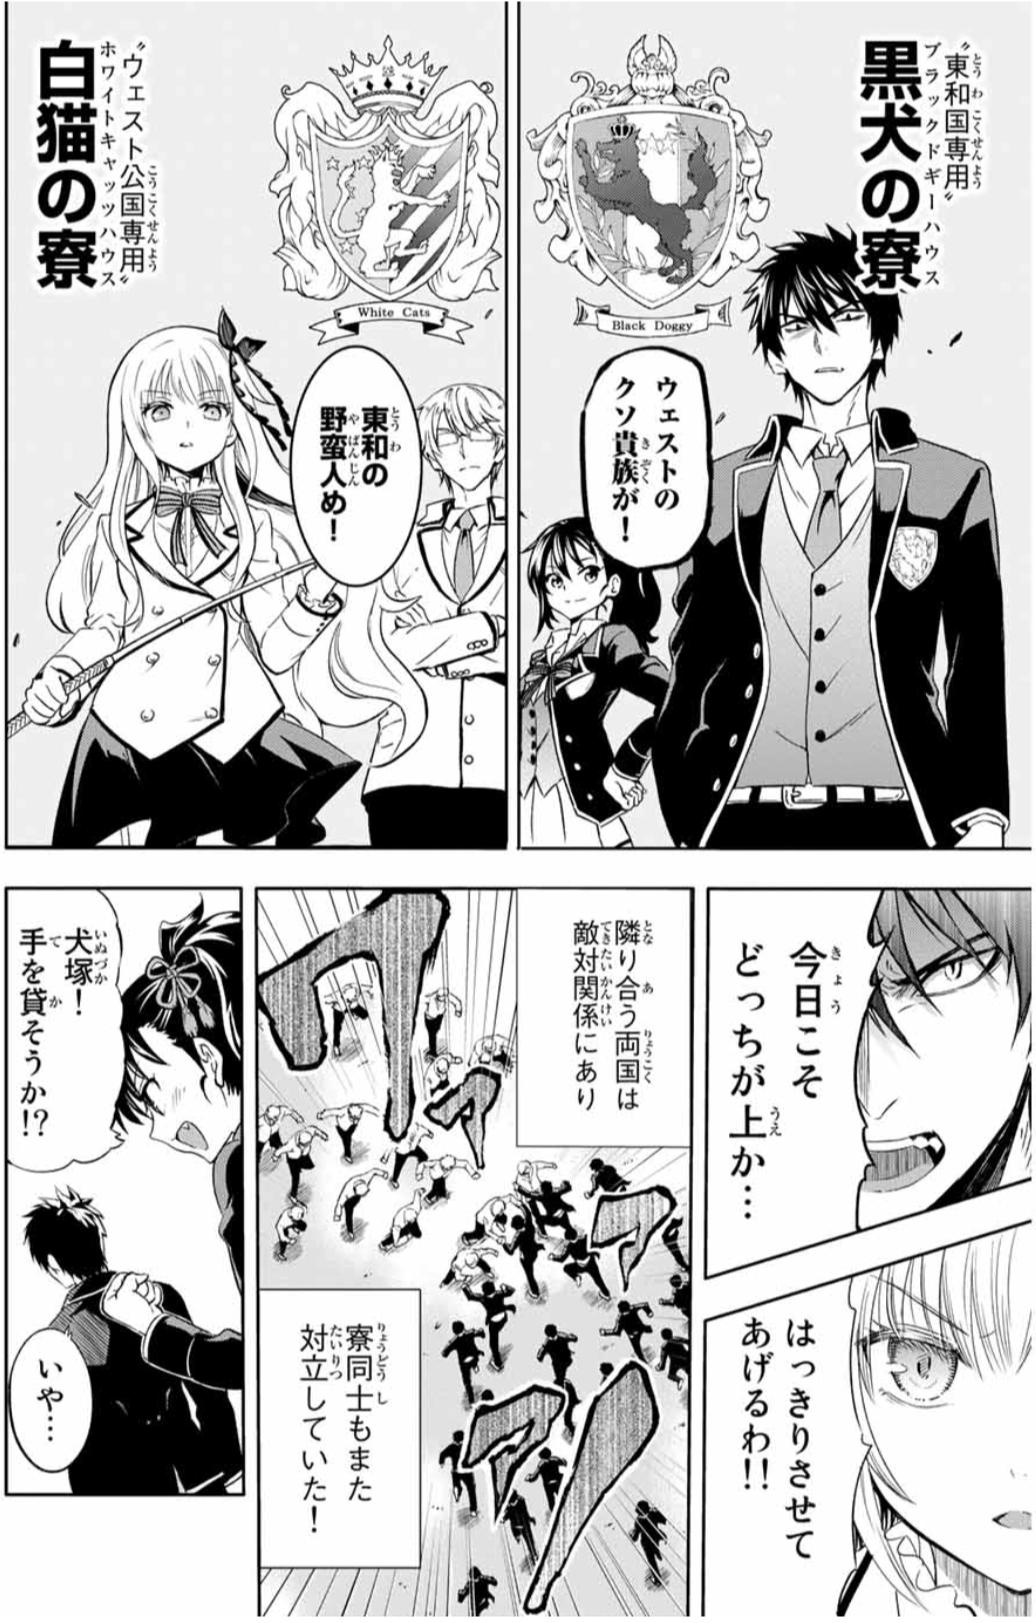 『寄宿学校のジュリエット』1巻ネタバレ注意:絶対にバレてはいけない恋愛!!